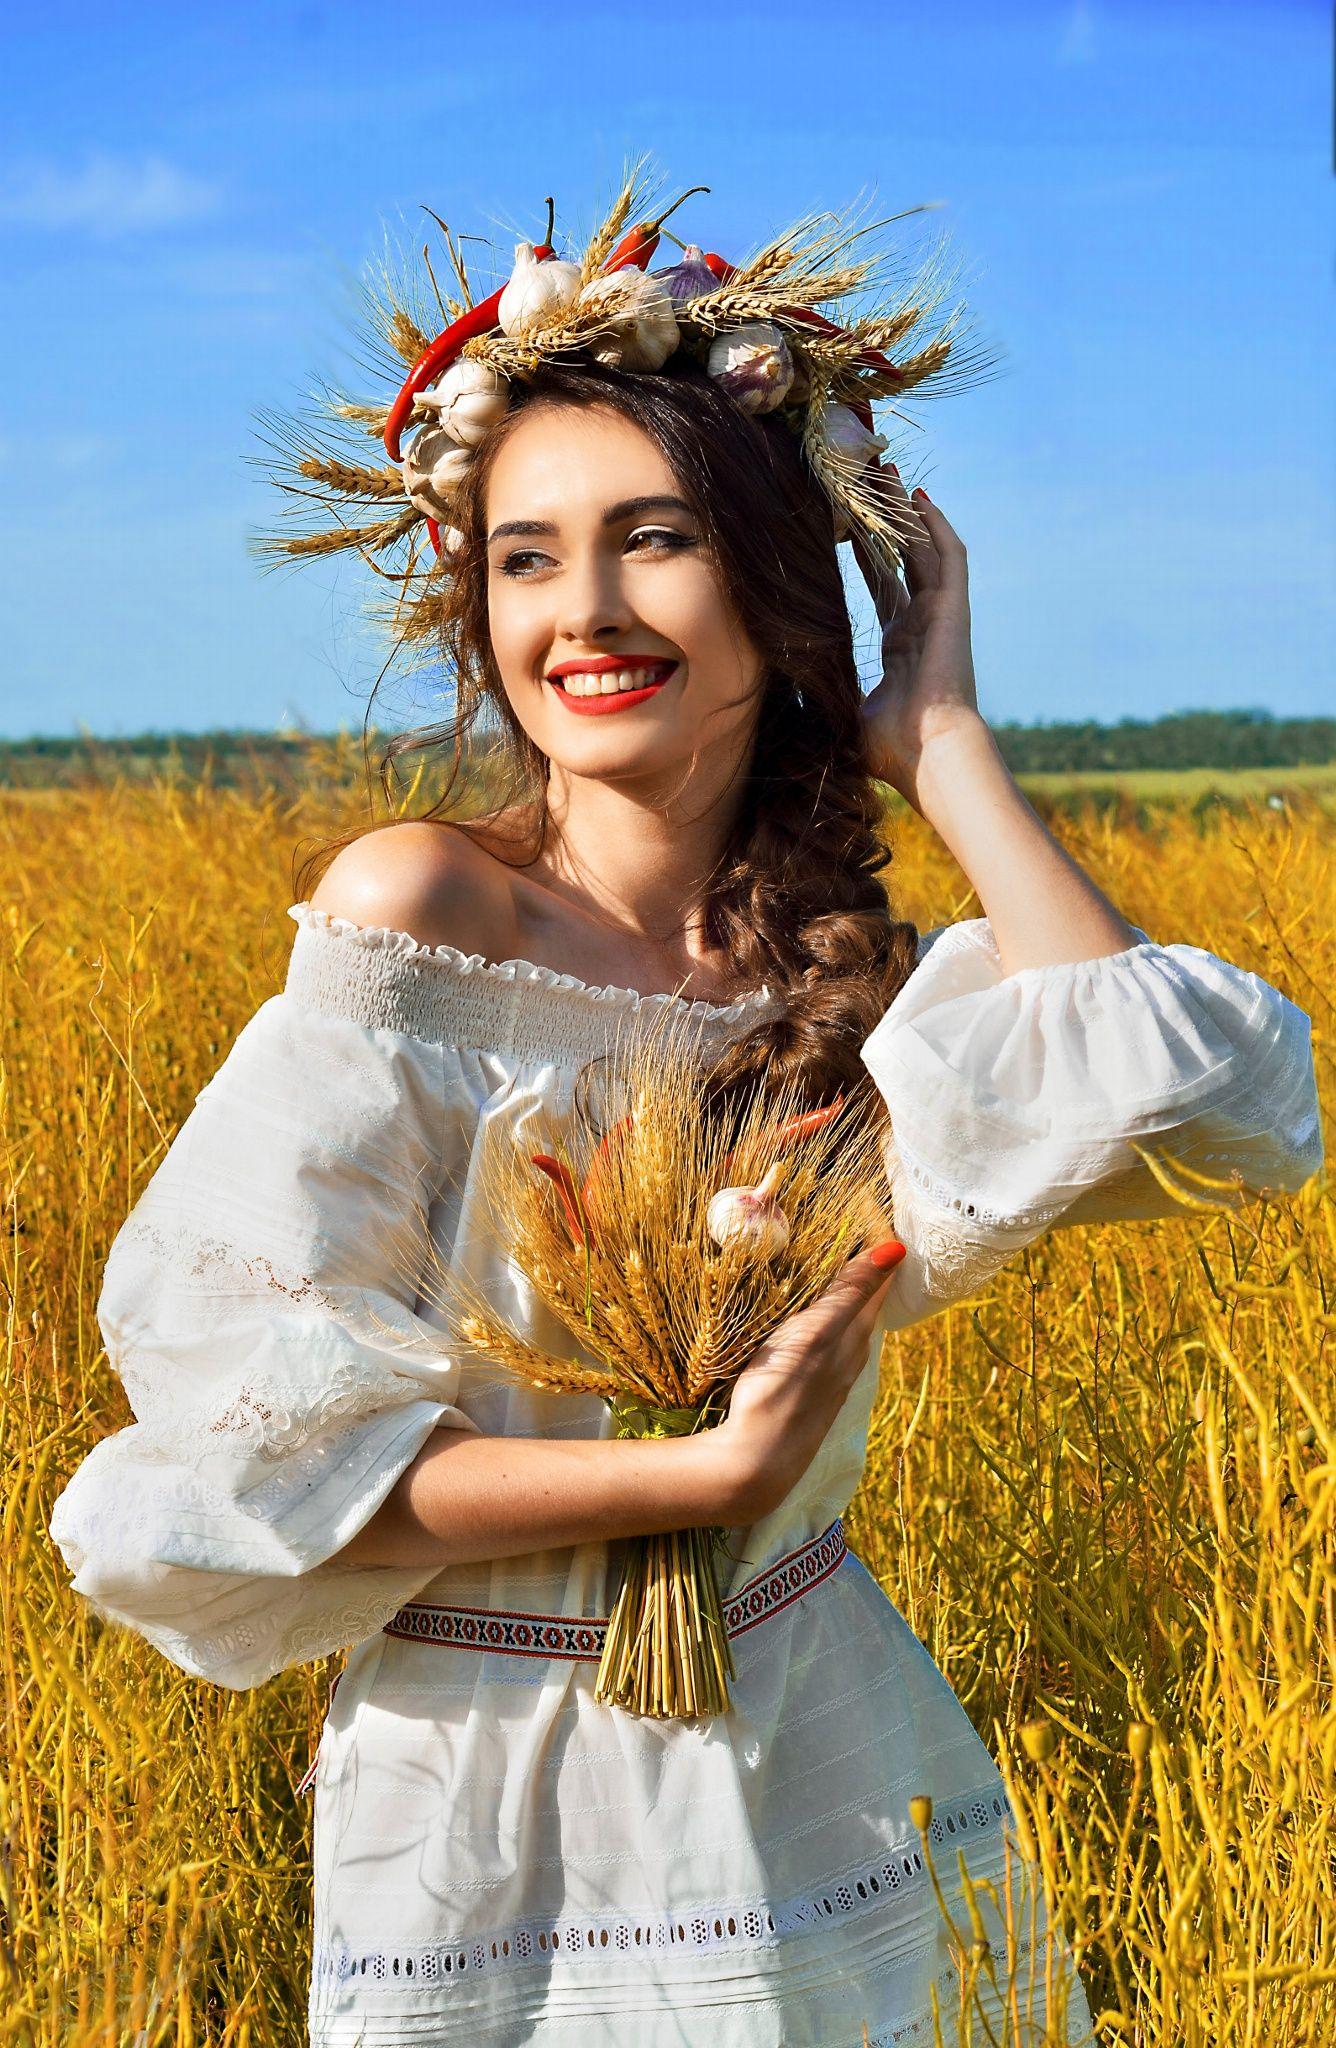 krasivie-russkie-i-ukrainskie-devushki-v-platyah-stalo-zharko-razdelas-porno